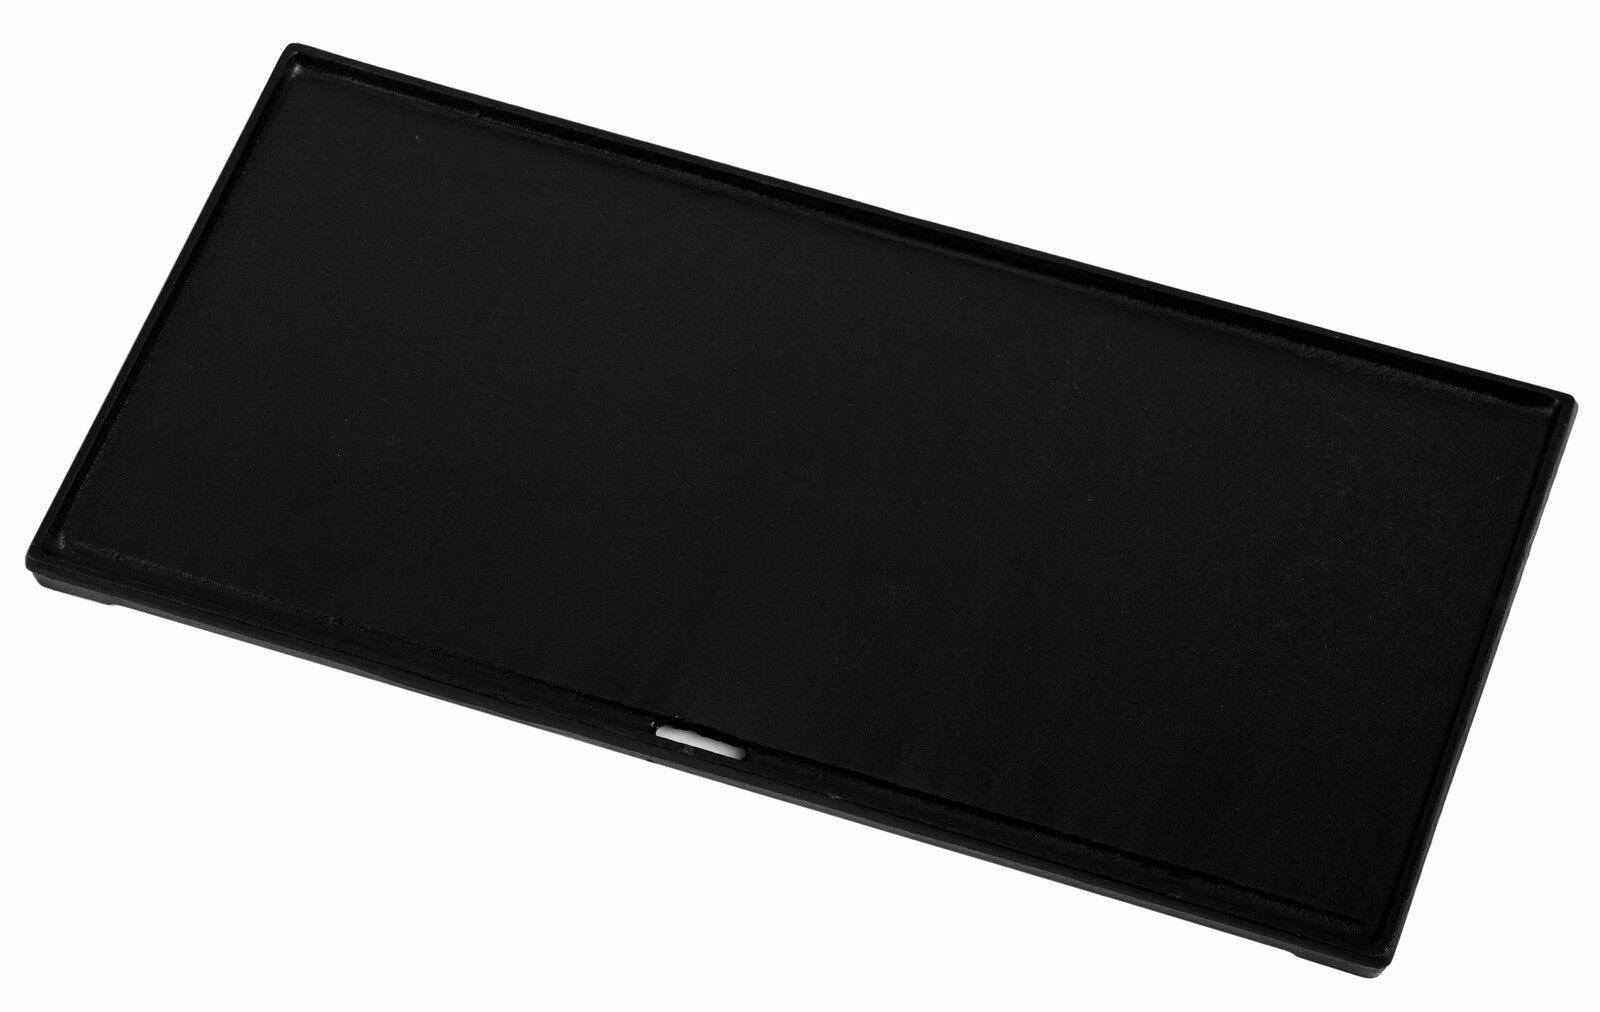 Grillplatte Für Gasgrill Landmann : Landmann grillplatte für triton serie 2 ebay